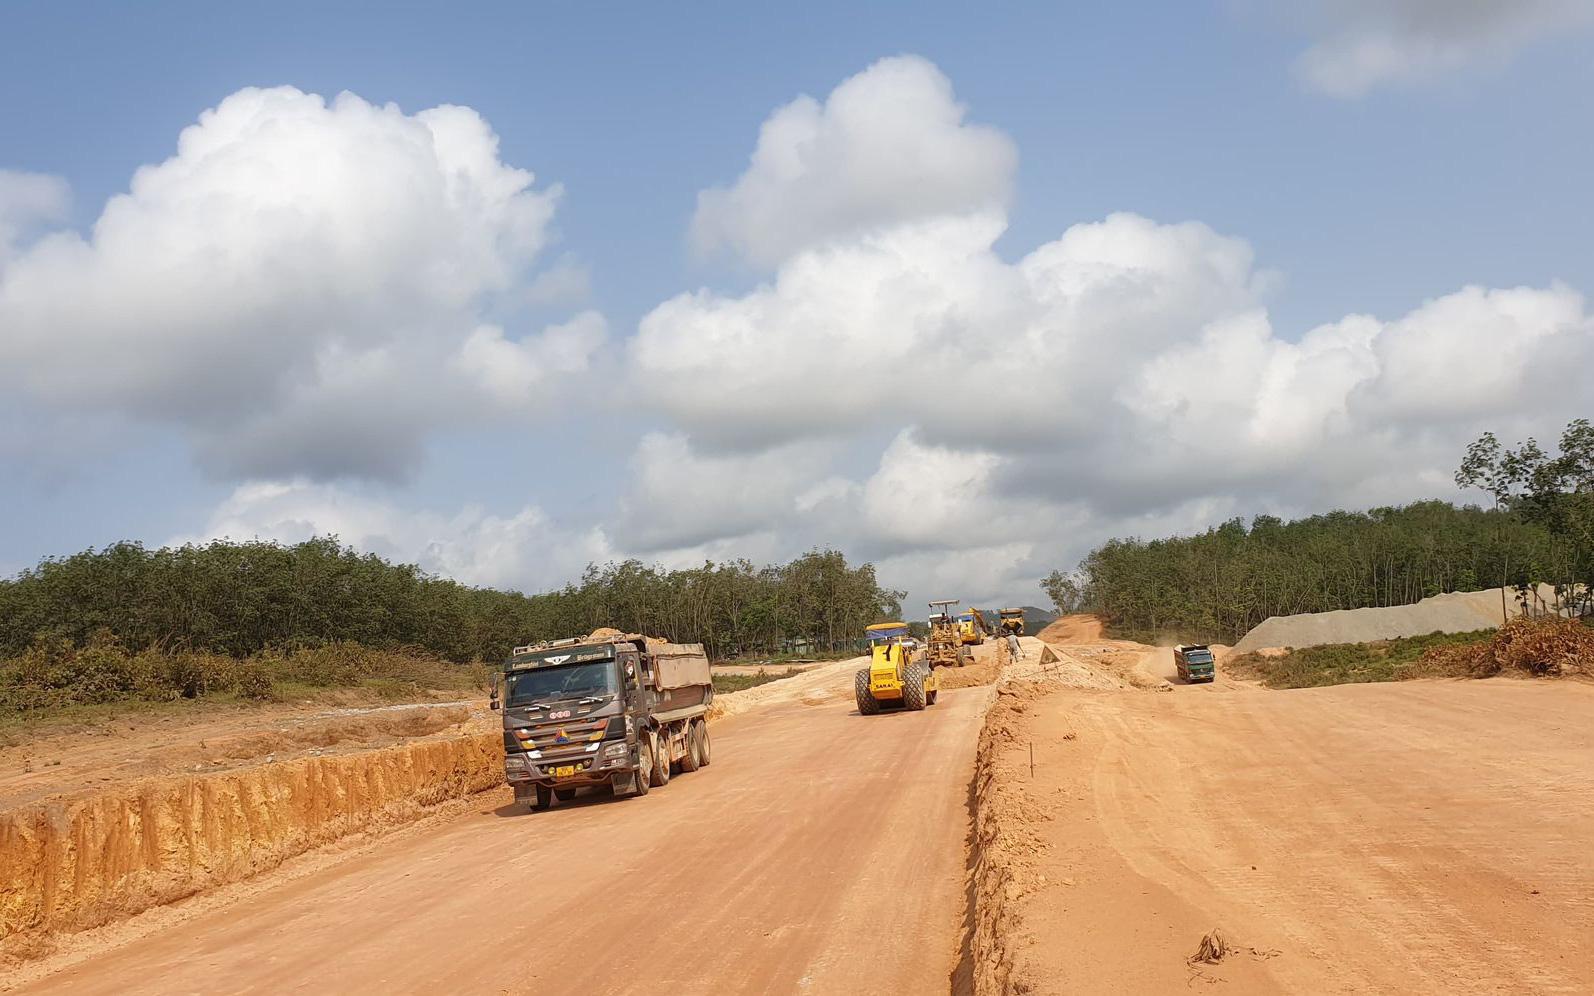 Lộ diện đơn vị trúng gói thầu 1.158 tỷ dự án cao tốc Bắc - Nam đoạn Nghi Sơn - Diễn Châu